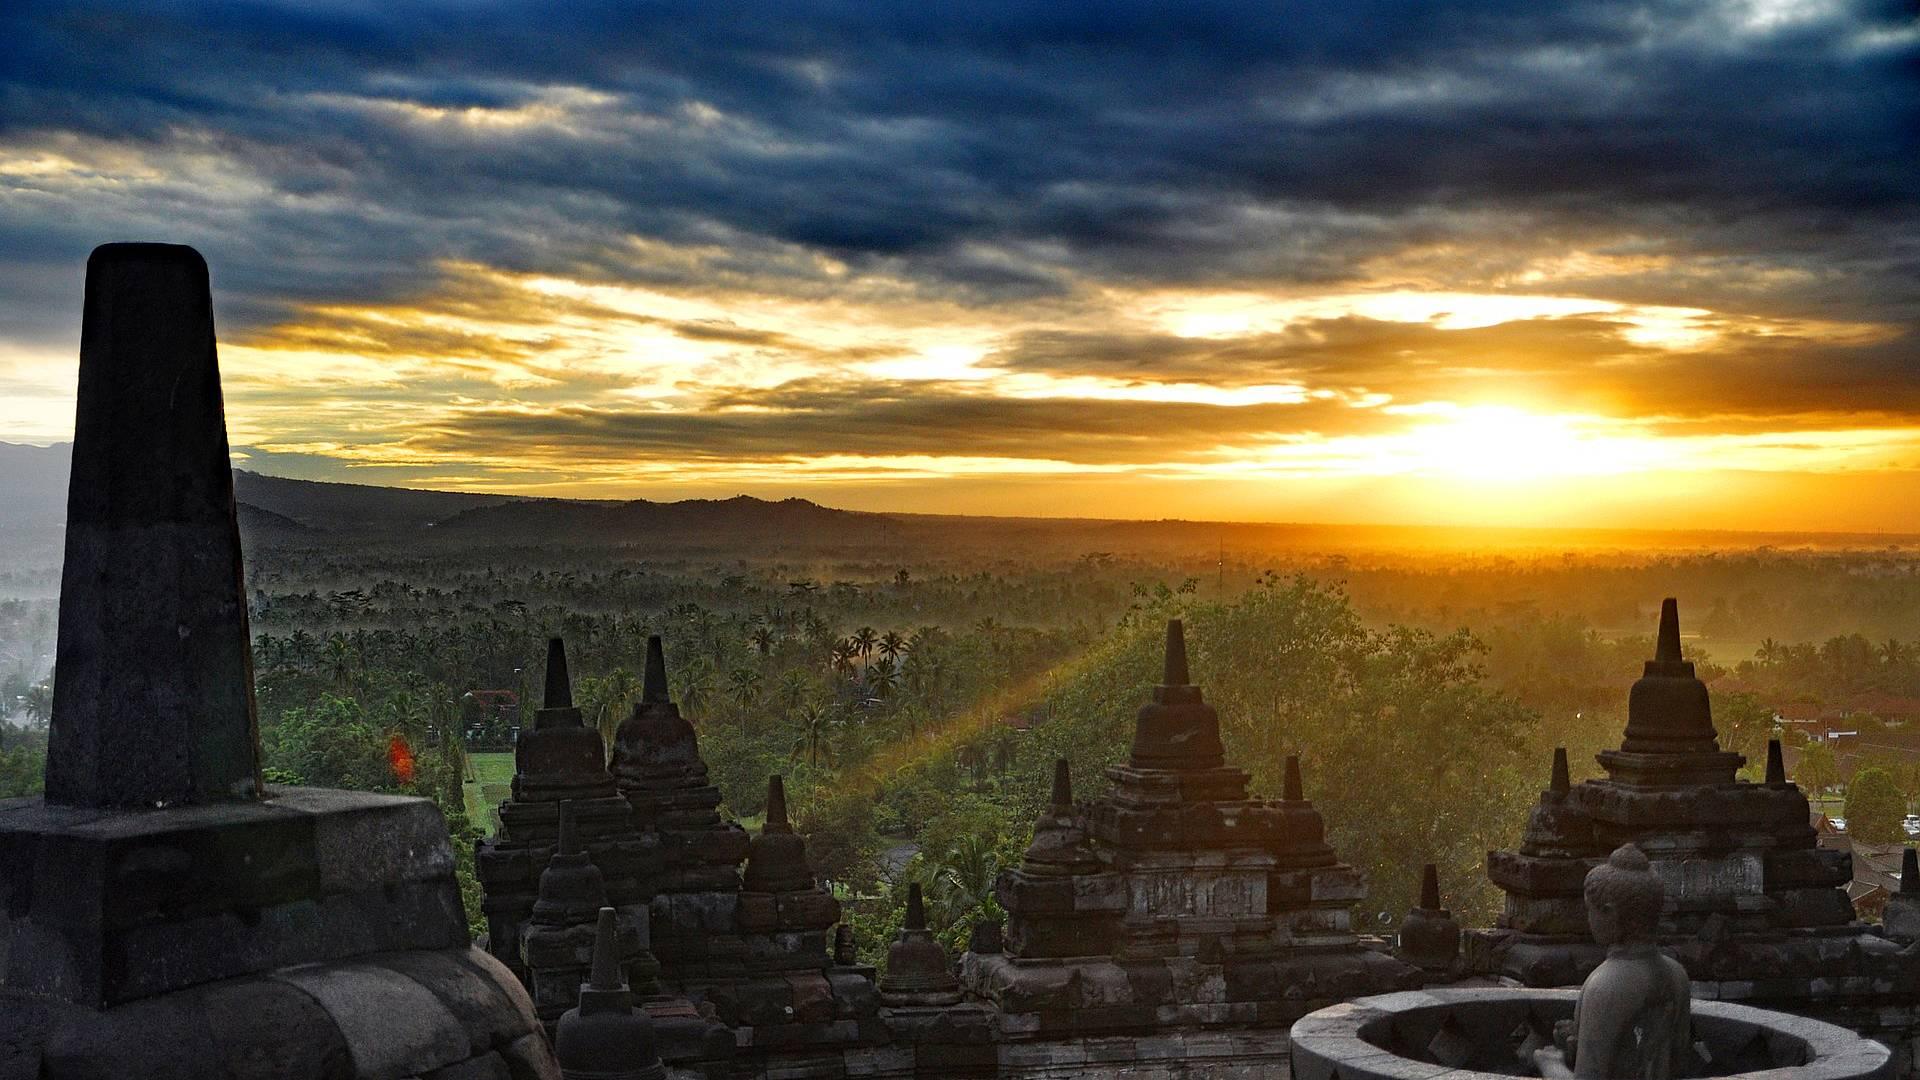 Dalla cultura di Giava al mare di Gili passando per l'affascinante Bali